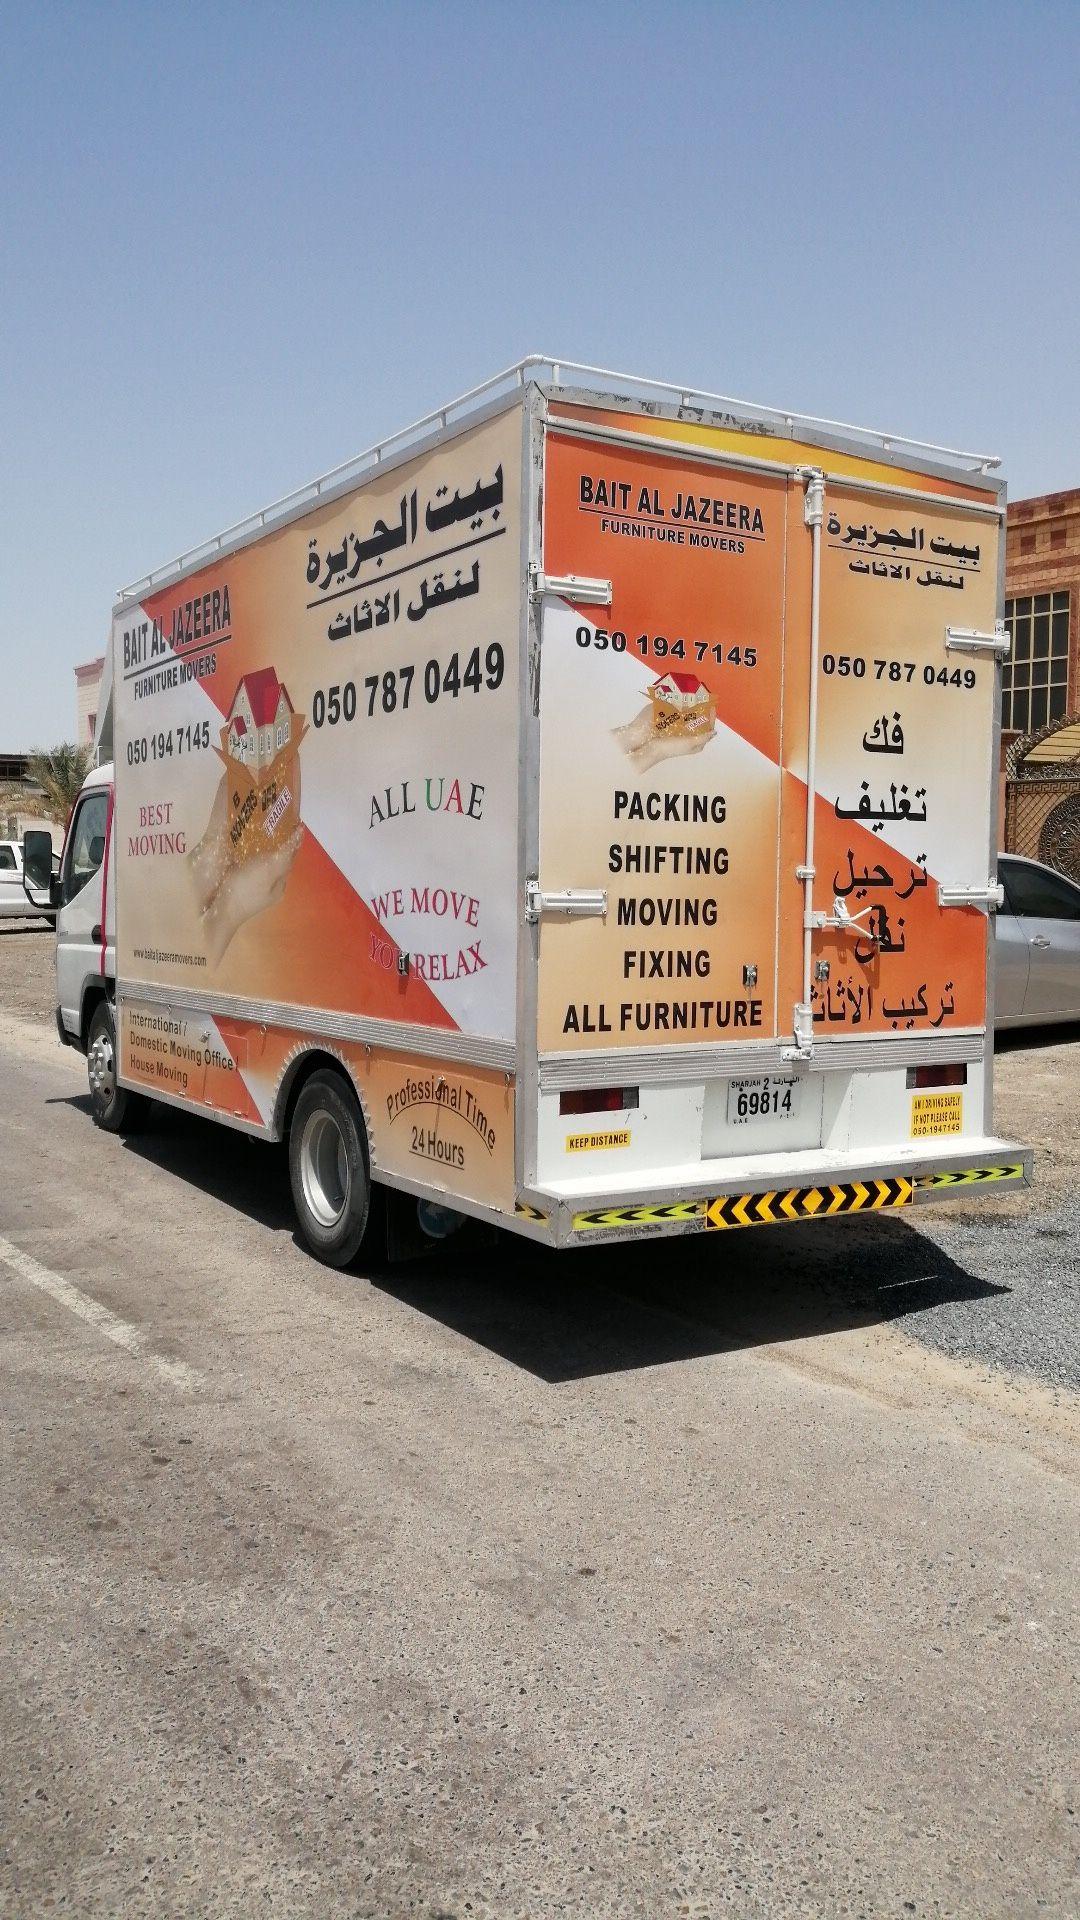 شركة بيت الجزيرة نقل أثاث امارات